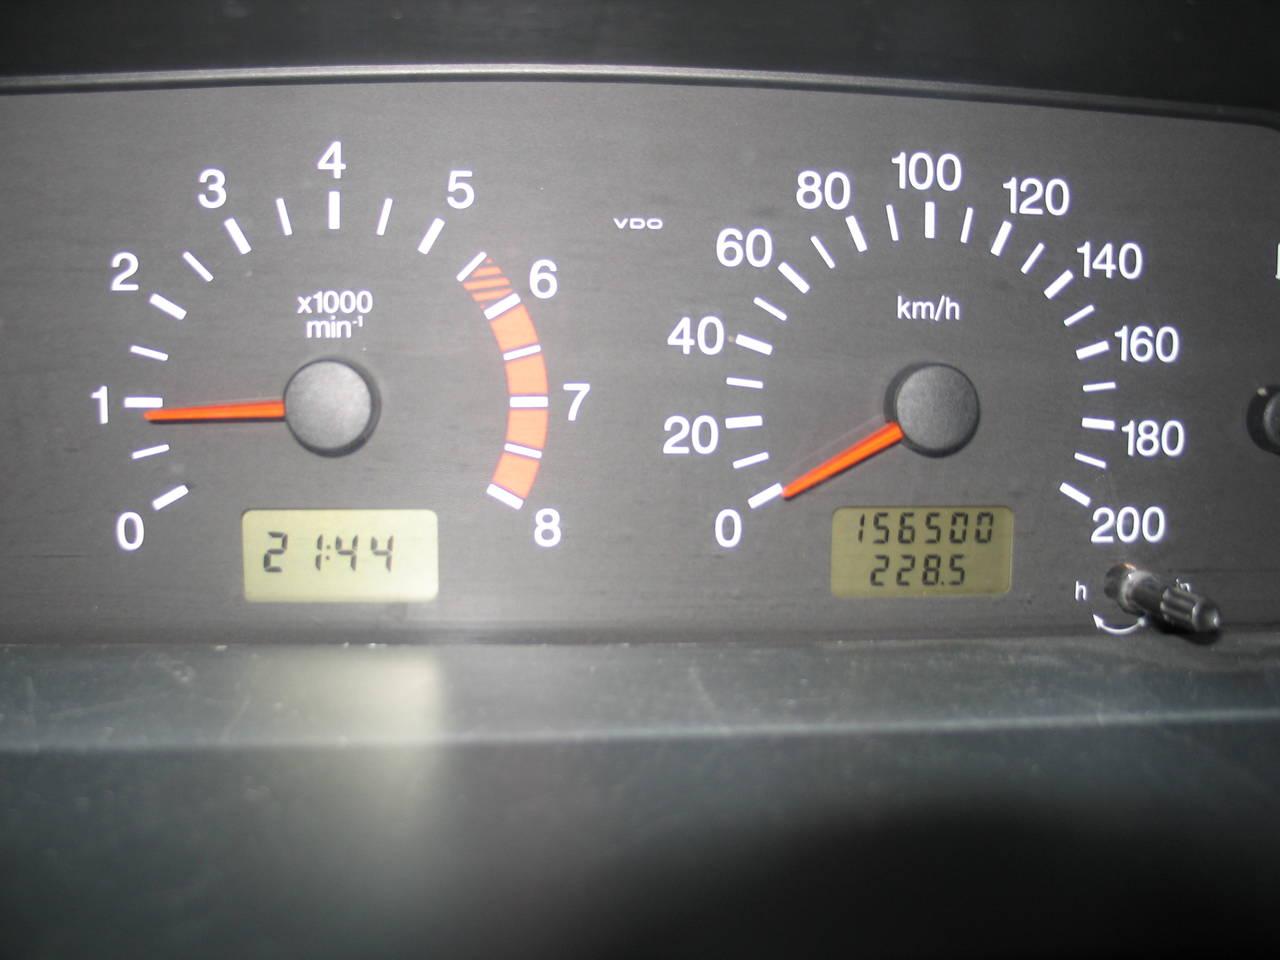 Nissan AD 2008, бензин, 1498 куб.см, HR15, 109 л.с. - отзыв владельца